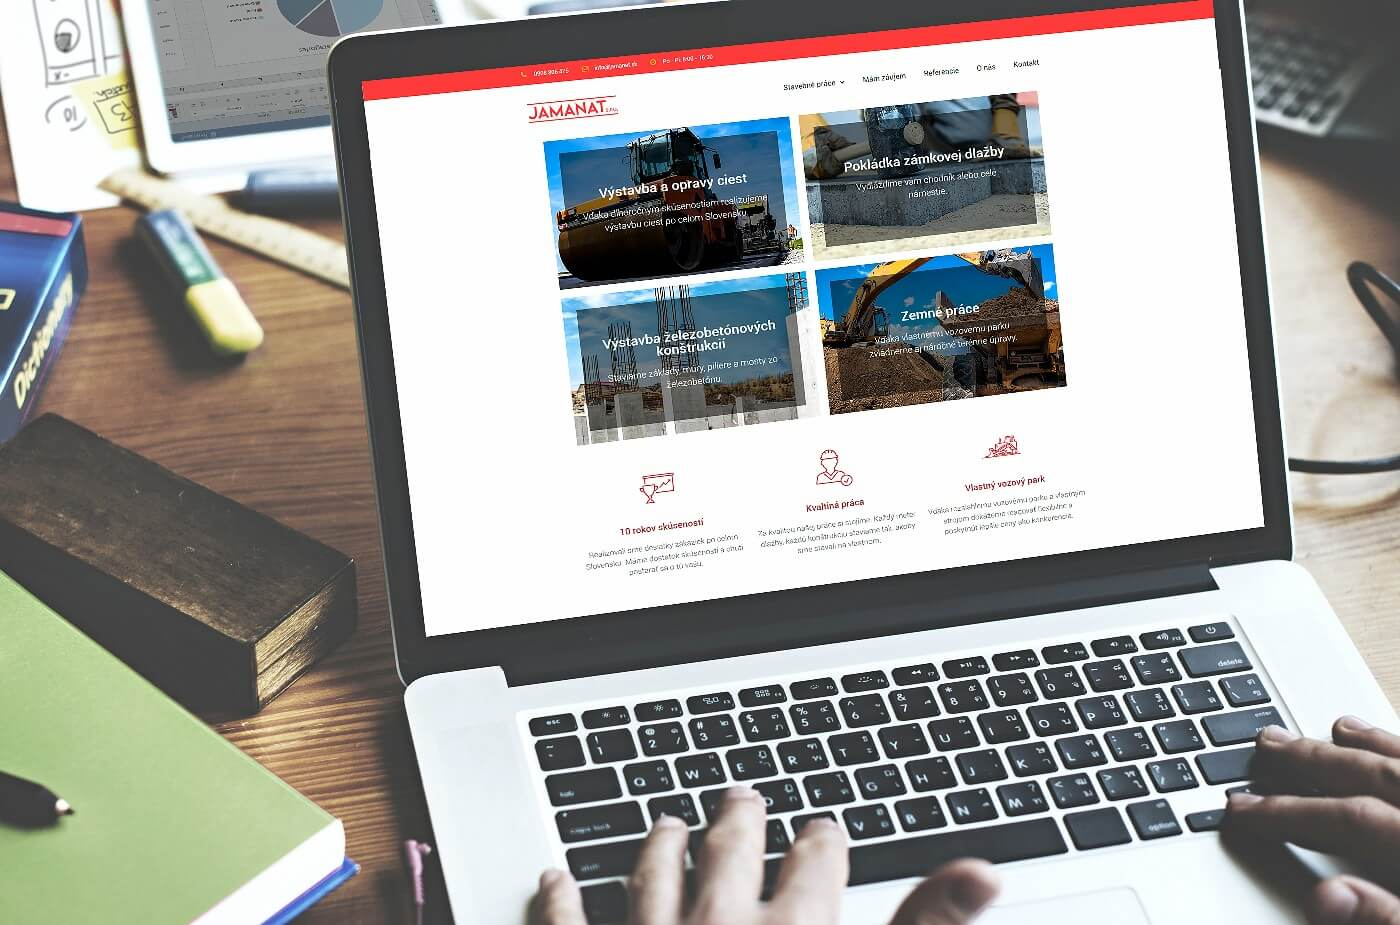 Tvorba webovej stránky www.jamanat.sk | Webovica.sk